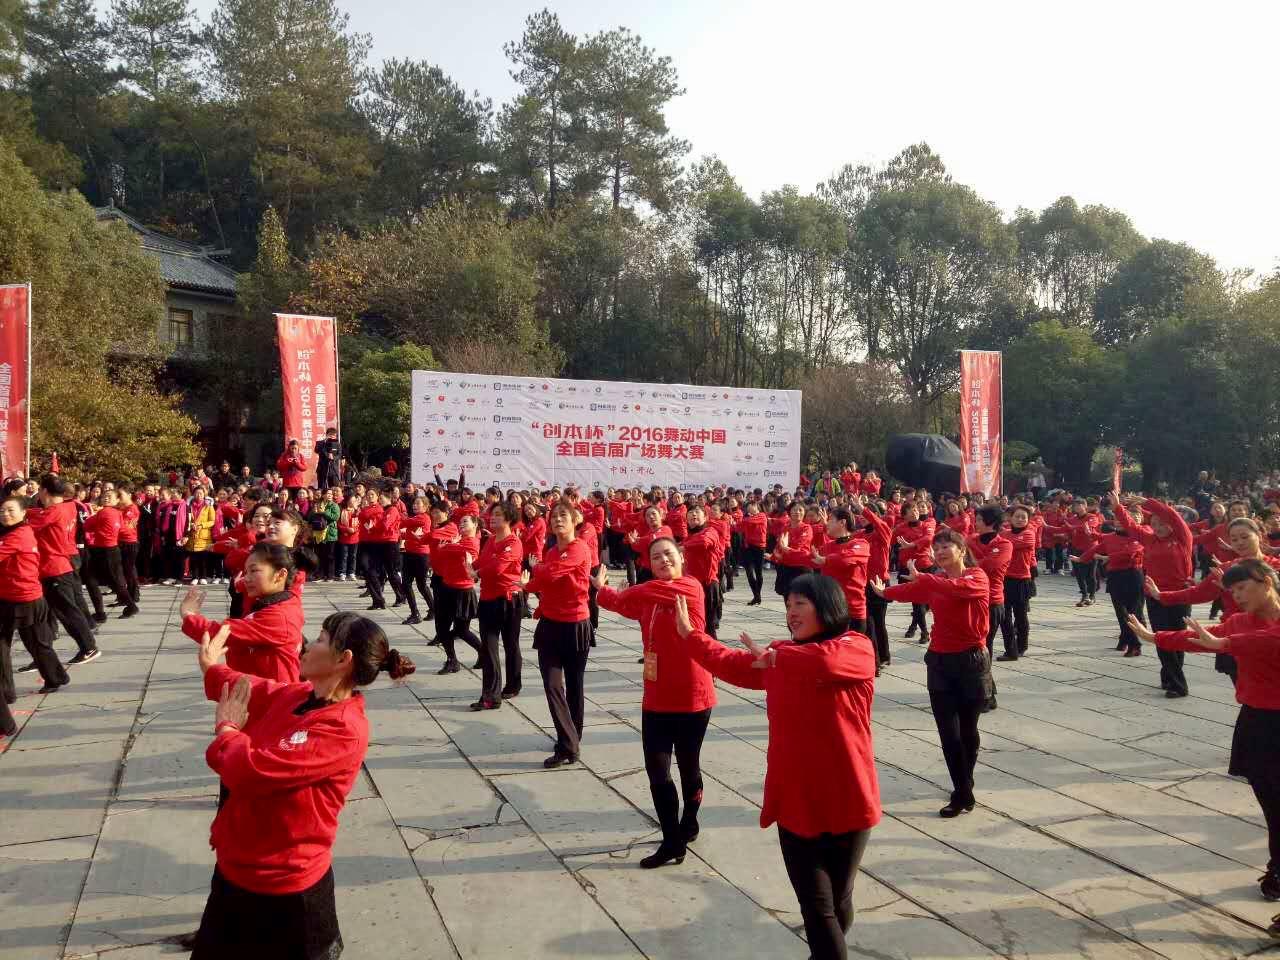 相关阅读:【专题】2016舞动中国全国首届广场舞大赛今日开幕